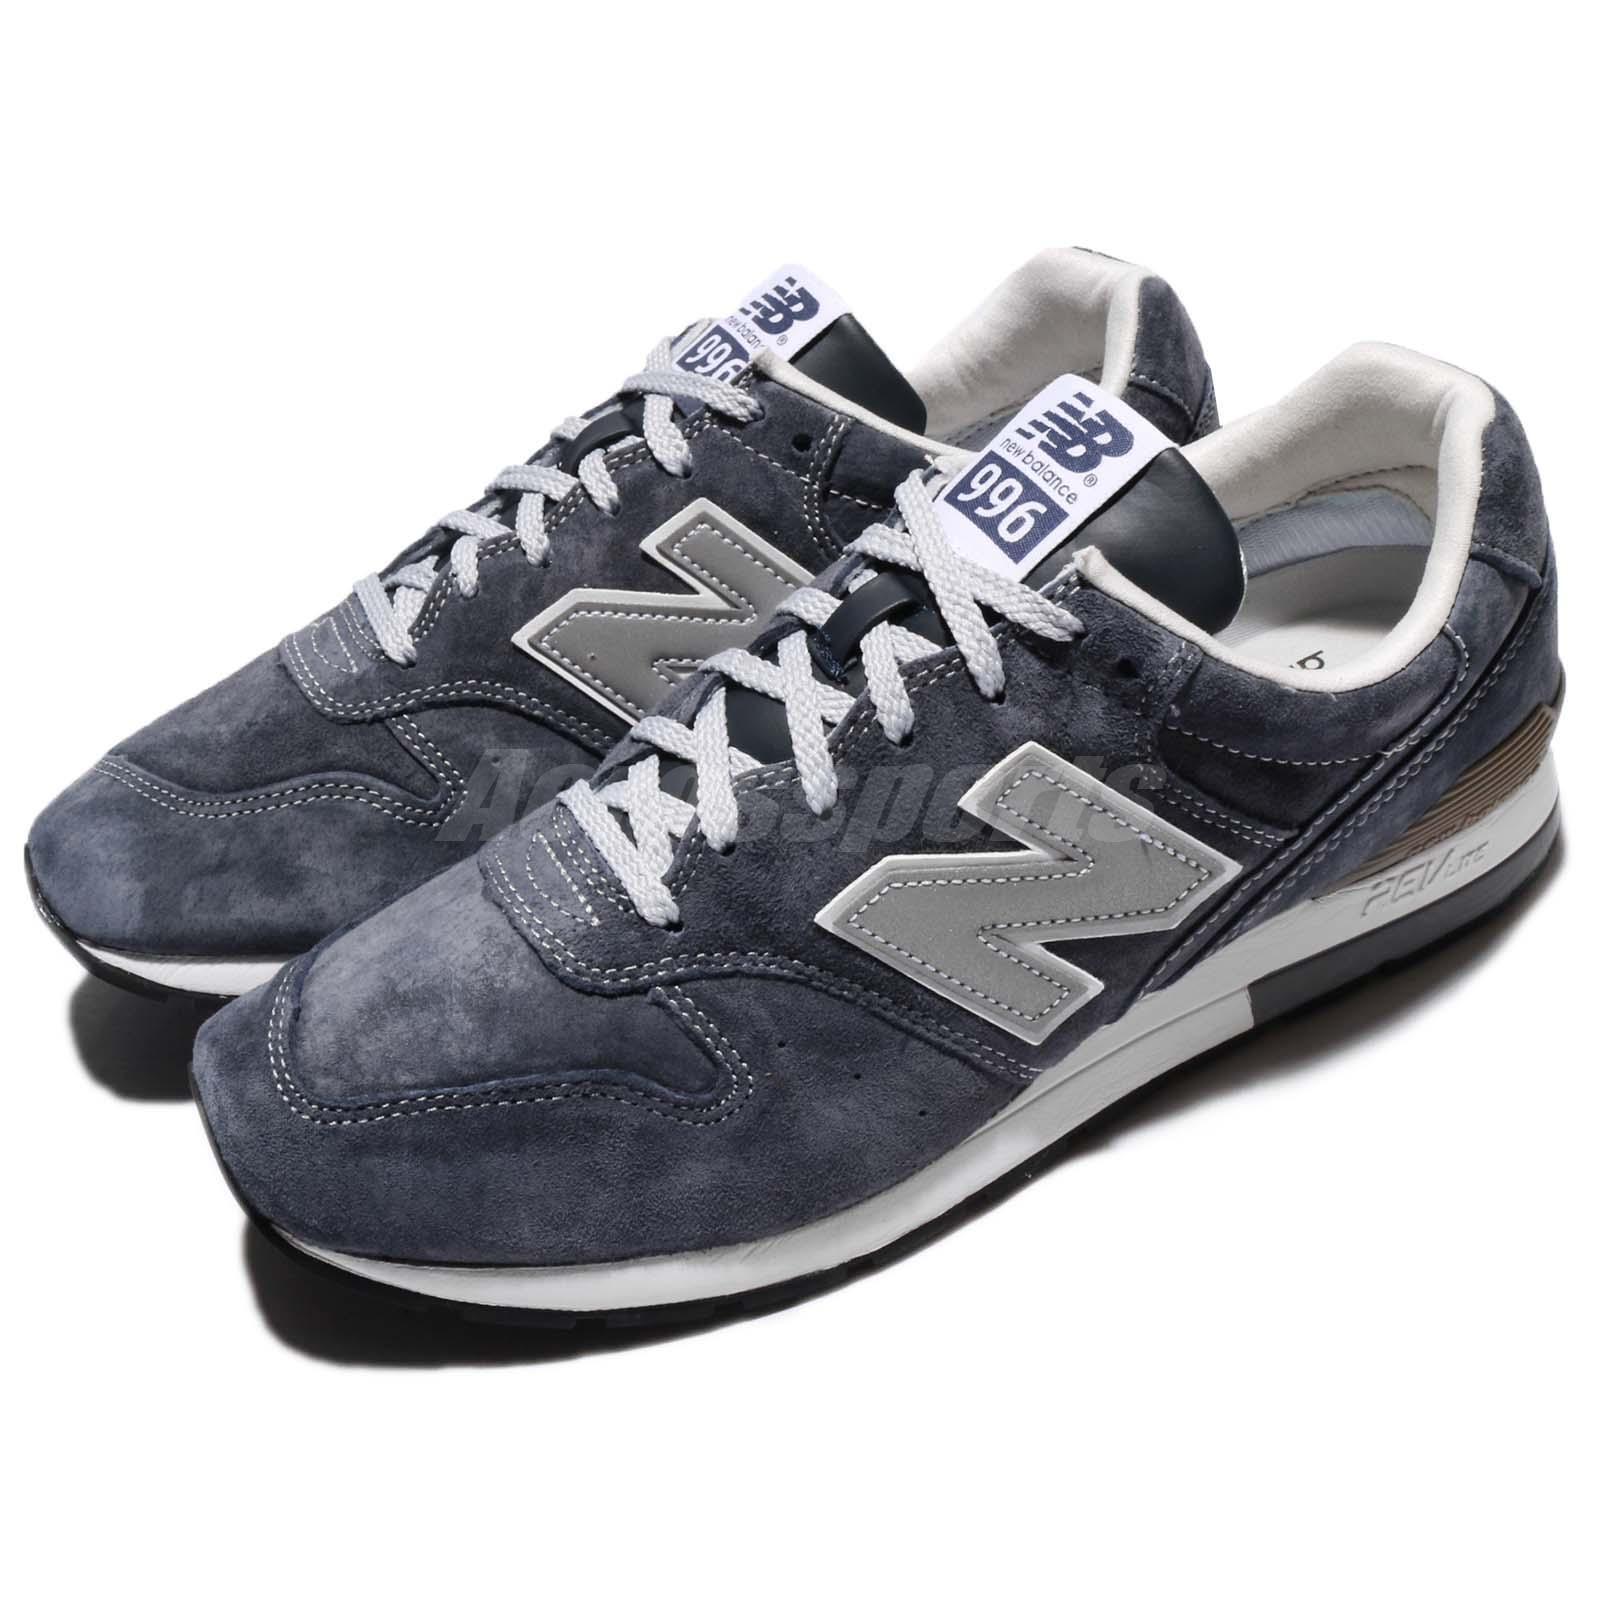 New Balance MRL996EM D Navy Suede 3M Silver Revlite Mens Running Shoe MRL996 EMD